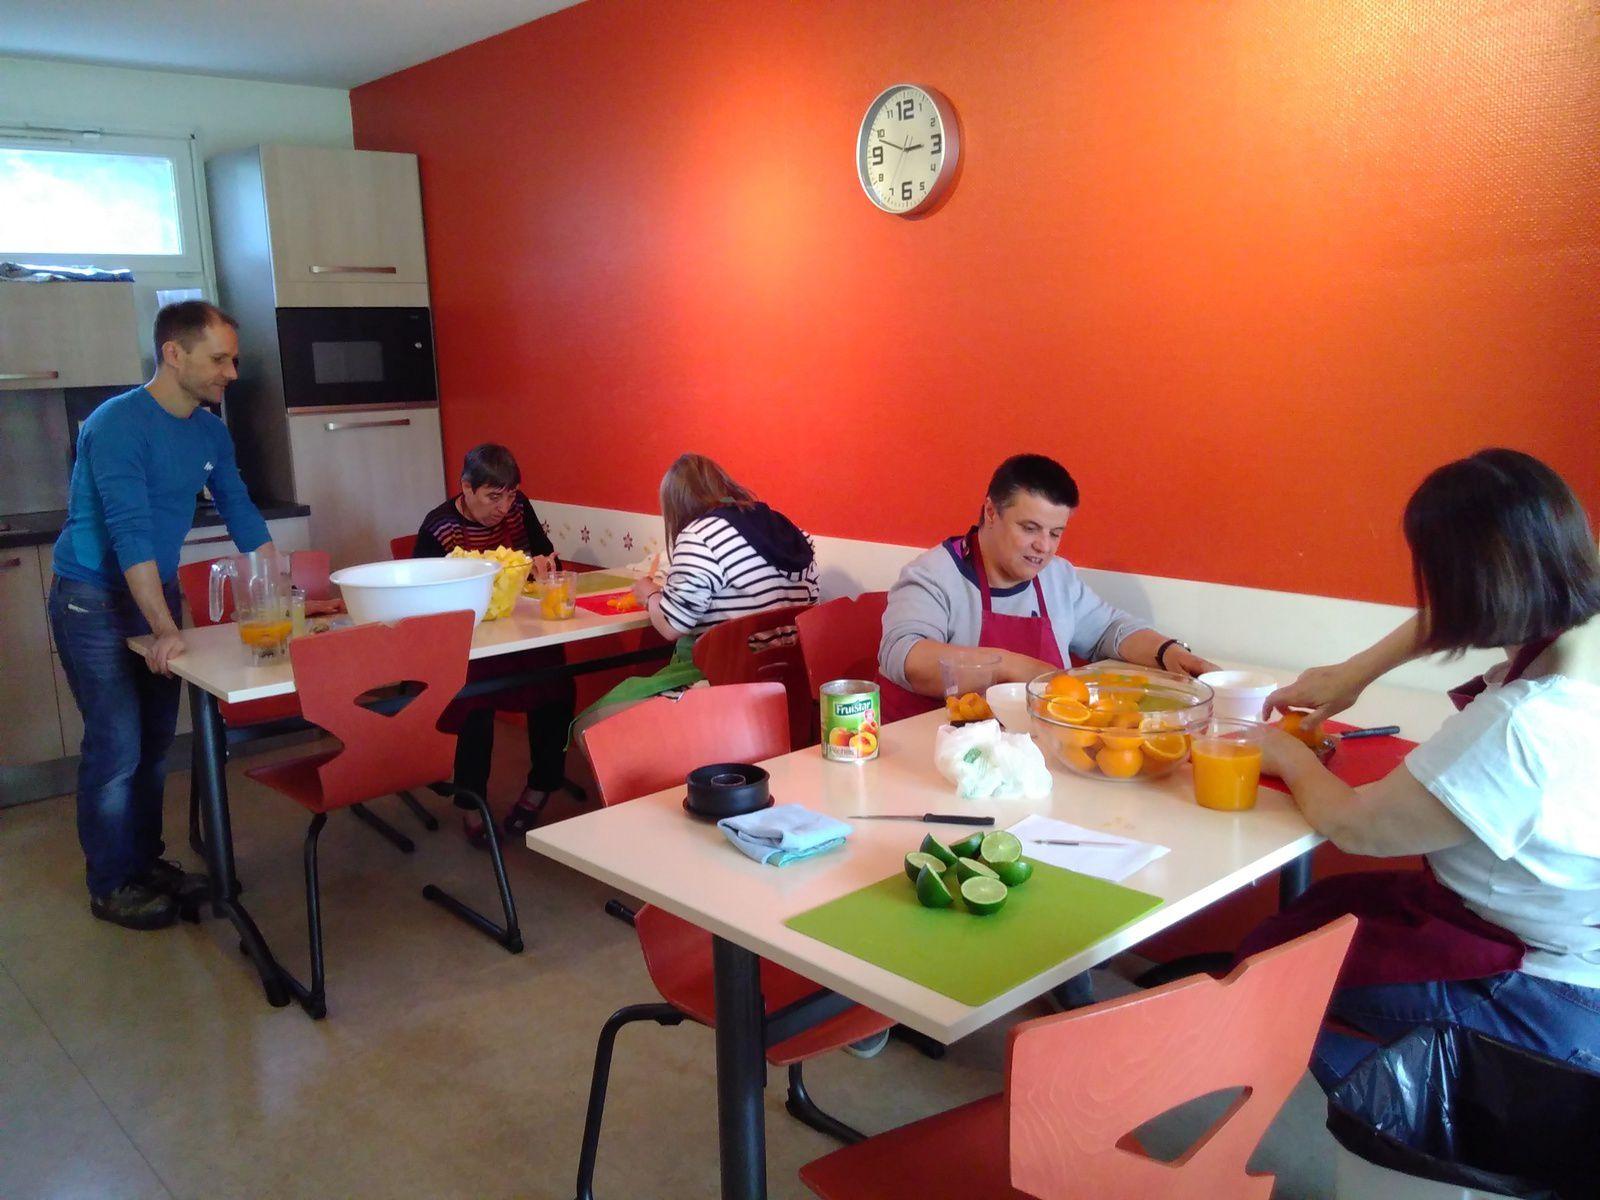 """Renaud, stagiaire diététicien, a animé l'atelier """"soupe d'ananas pêches au citron vert""""..."""